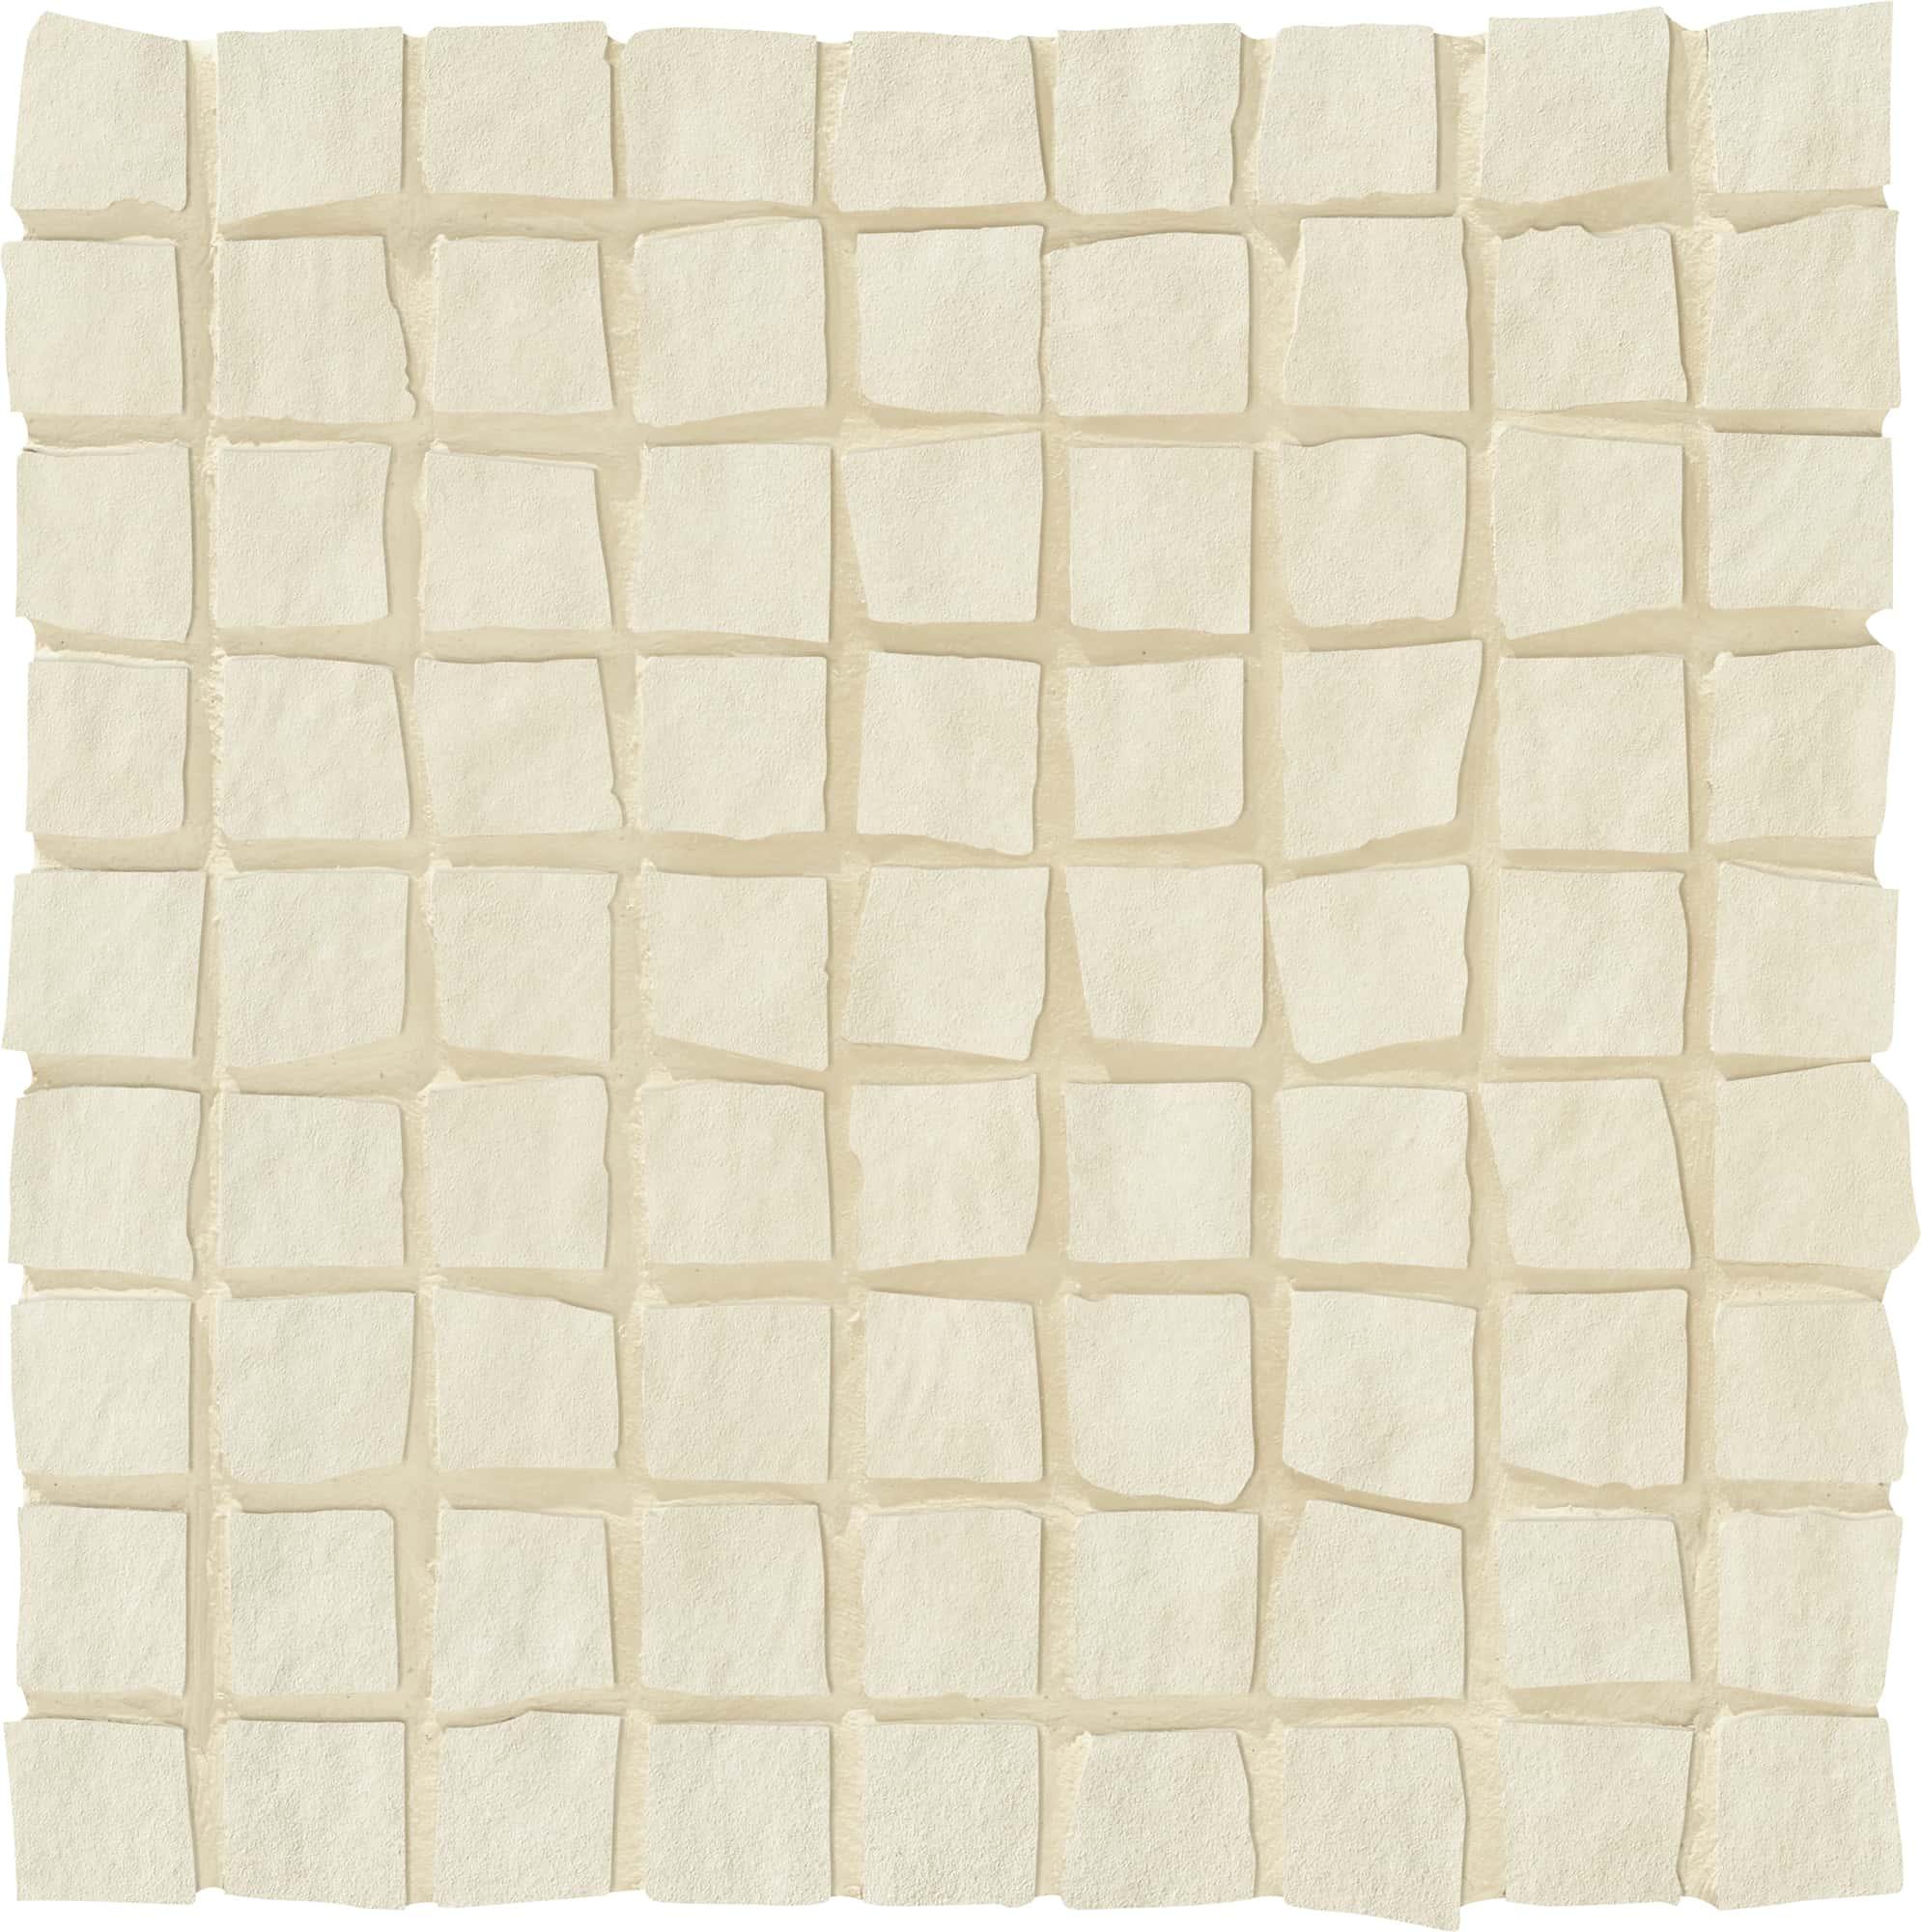 Mosaic Plus White